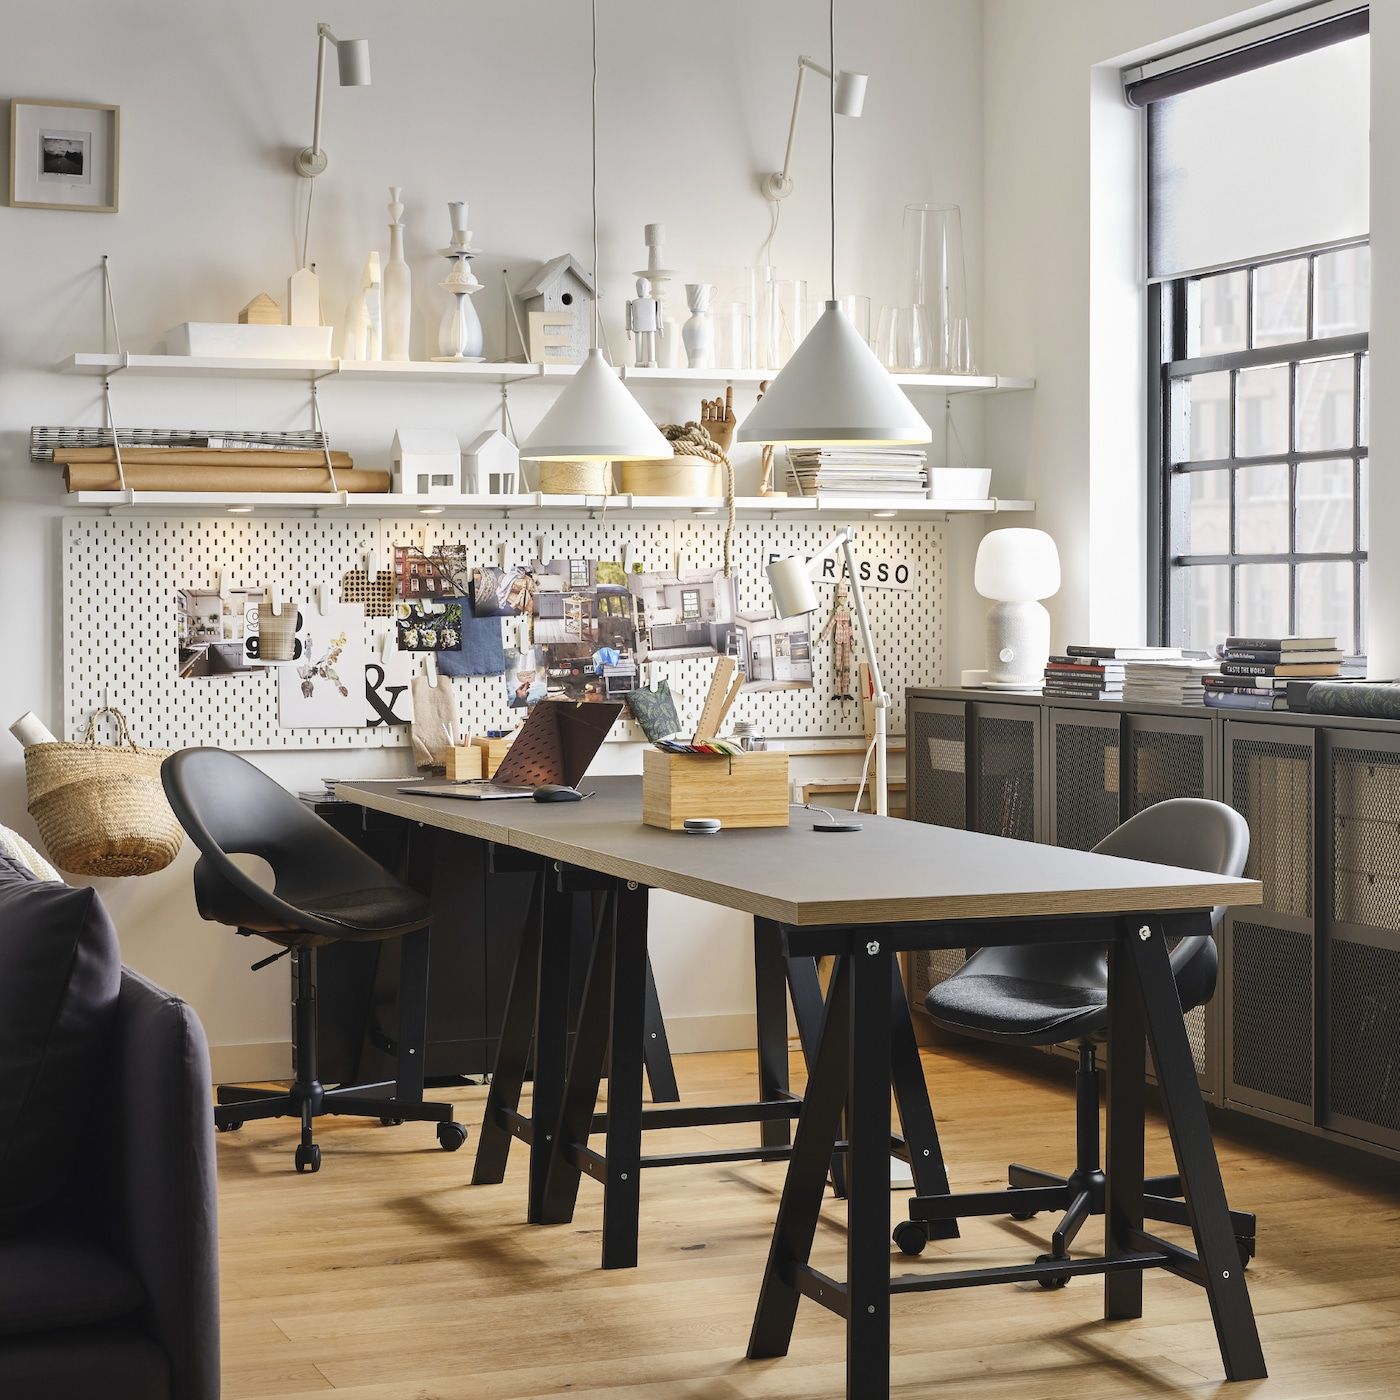 Un espace de travail avec deux tables noires et deux chaises pivotantes noires, deux suspensions blanches et des étagères murales blanches.